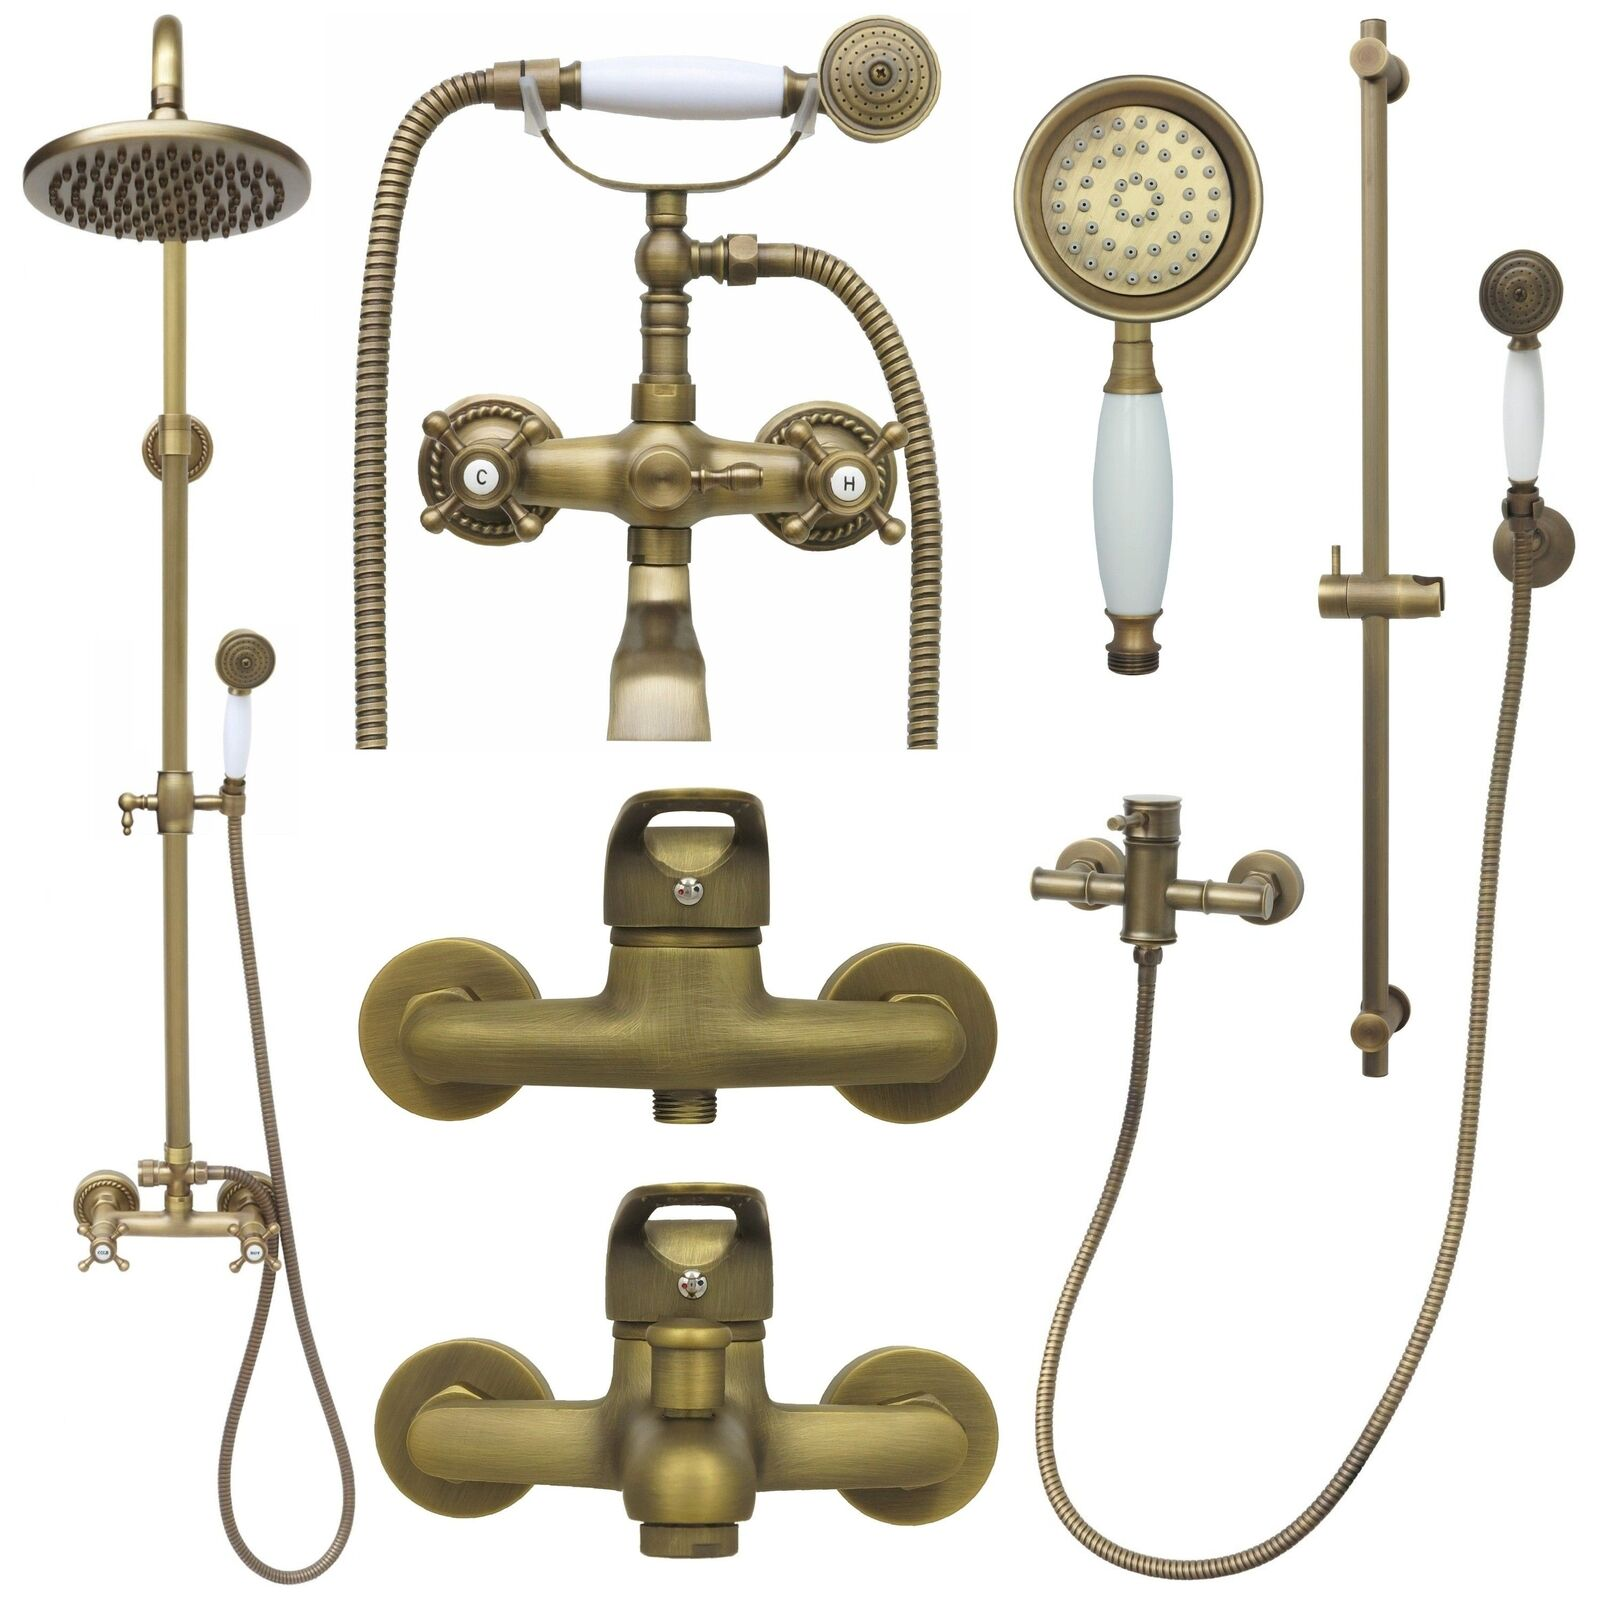 Retro Duschset Regendusche Duschsystem Armatur Dusche Antik Nostalgie Handbrause | Verwendet in der Haltbarkeit  | Vollständige Spezifikation  | Deutschland Shop  | Qualität und Quantität garantiert